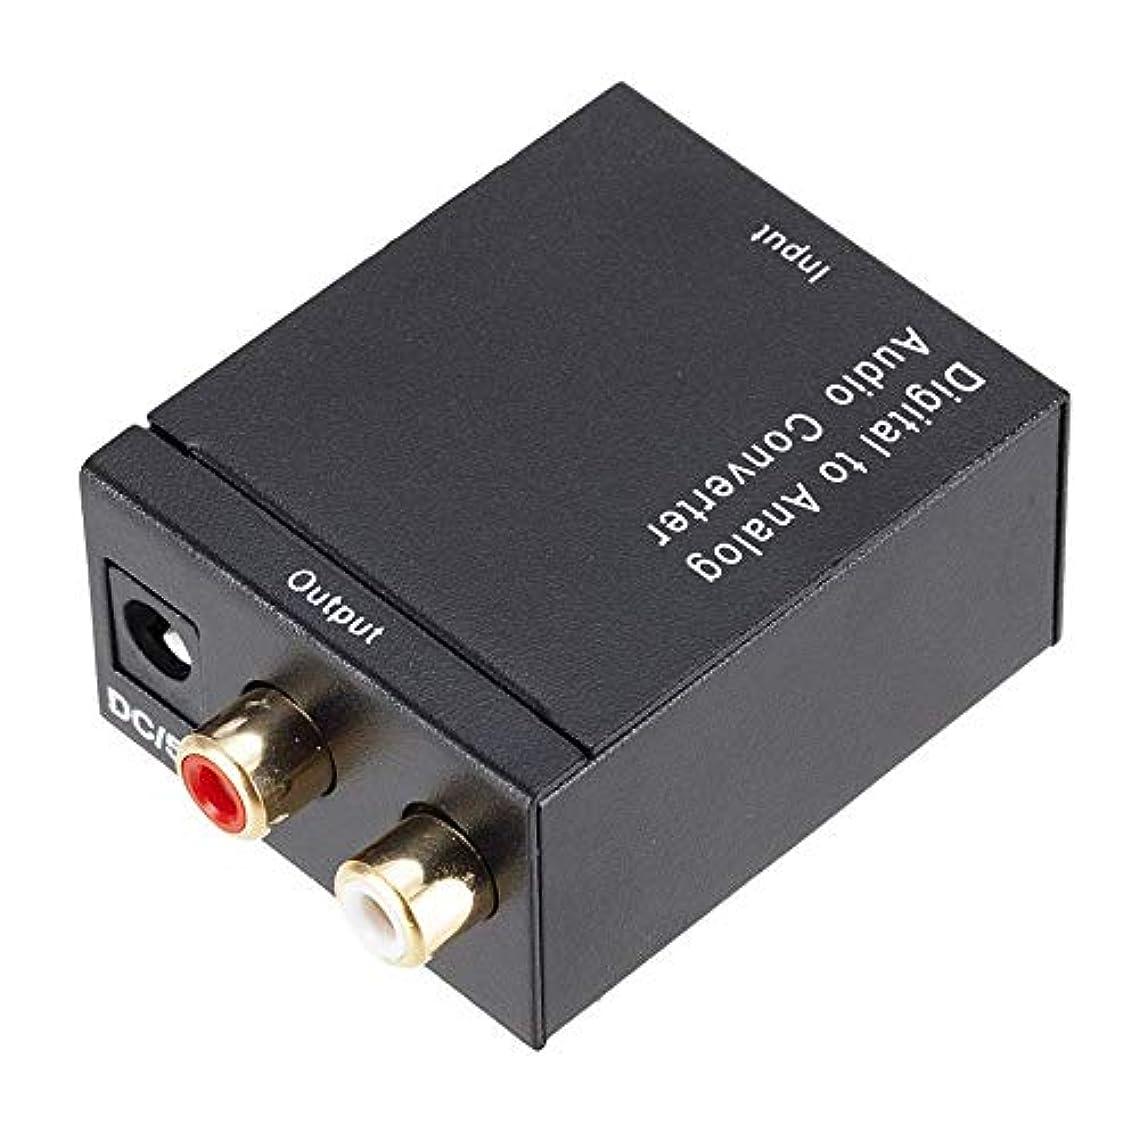 殉教者メーターミンチデジタルオーディオ/アナログオーディオR/LオーディオコンバータSPDIFデジタルファイバー/同軸オーディオアナログ